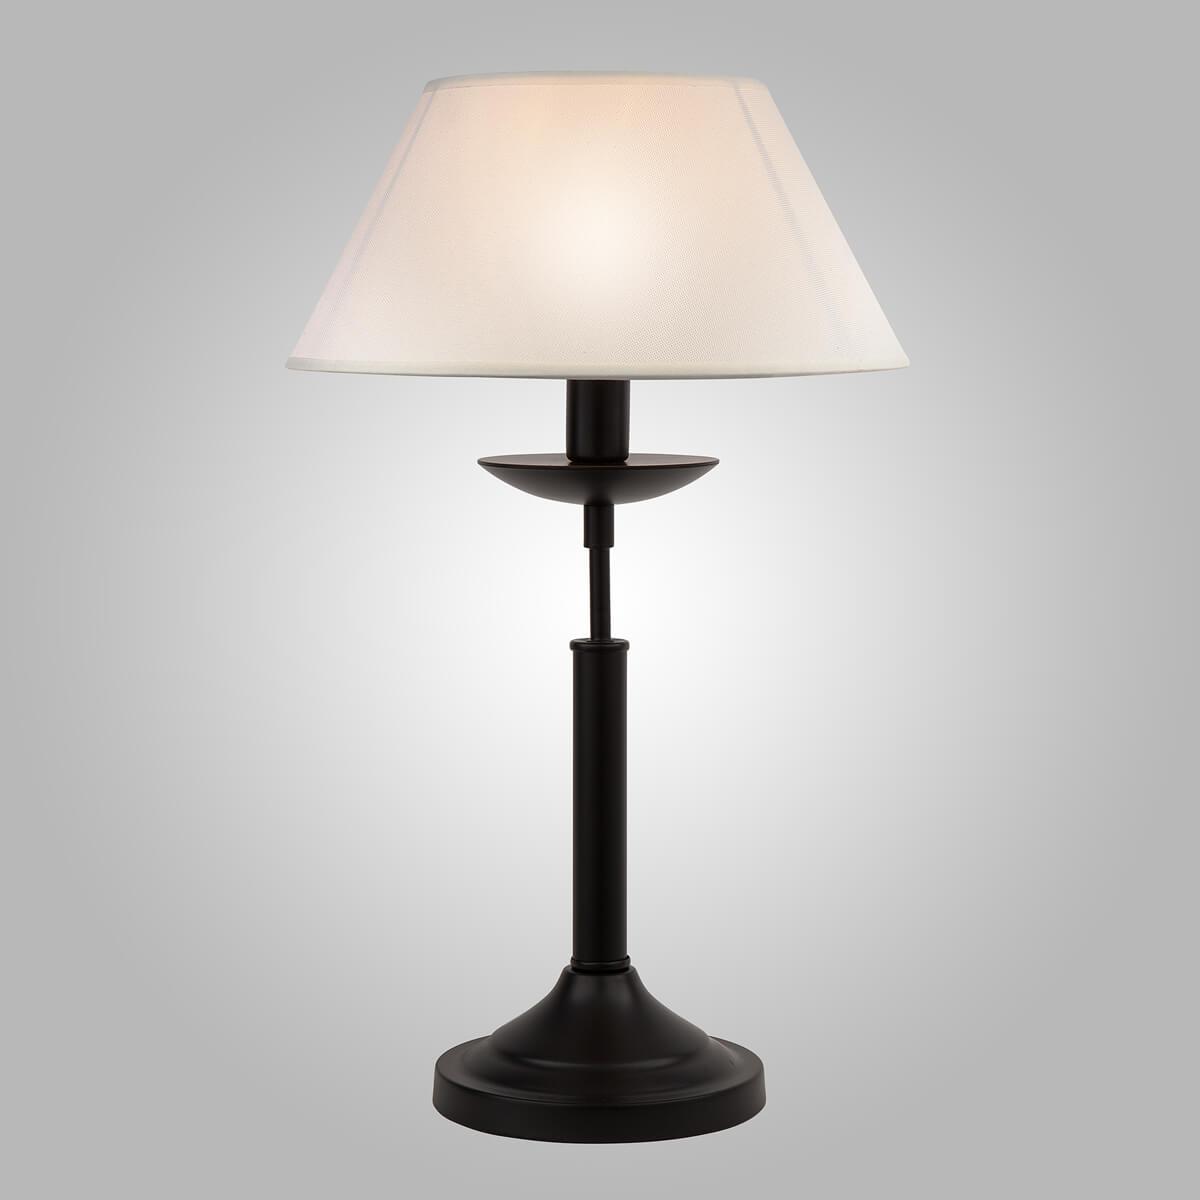 Настольная лампа Eurosvet 01010/1 черный Hotel Black